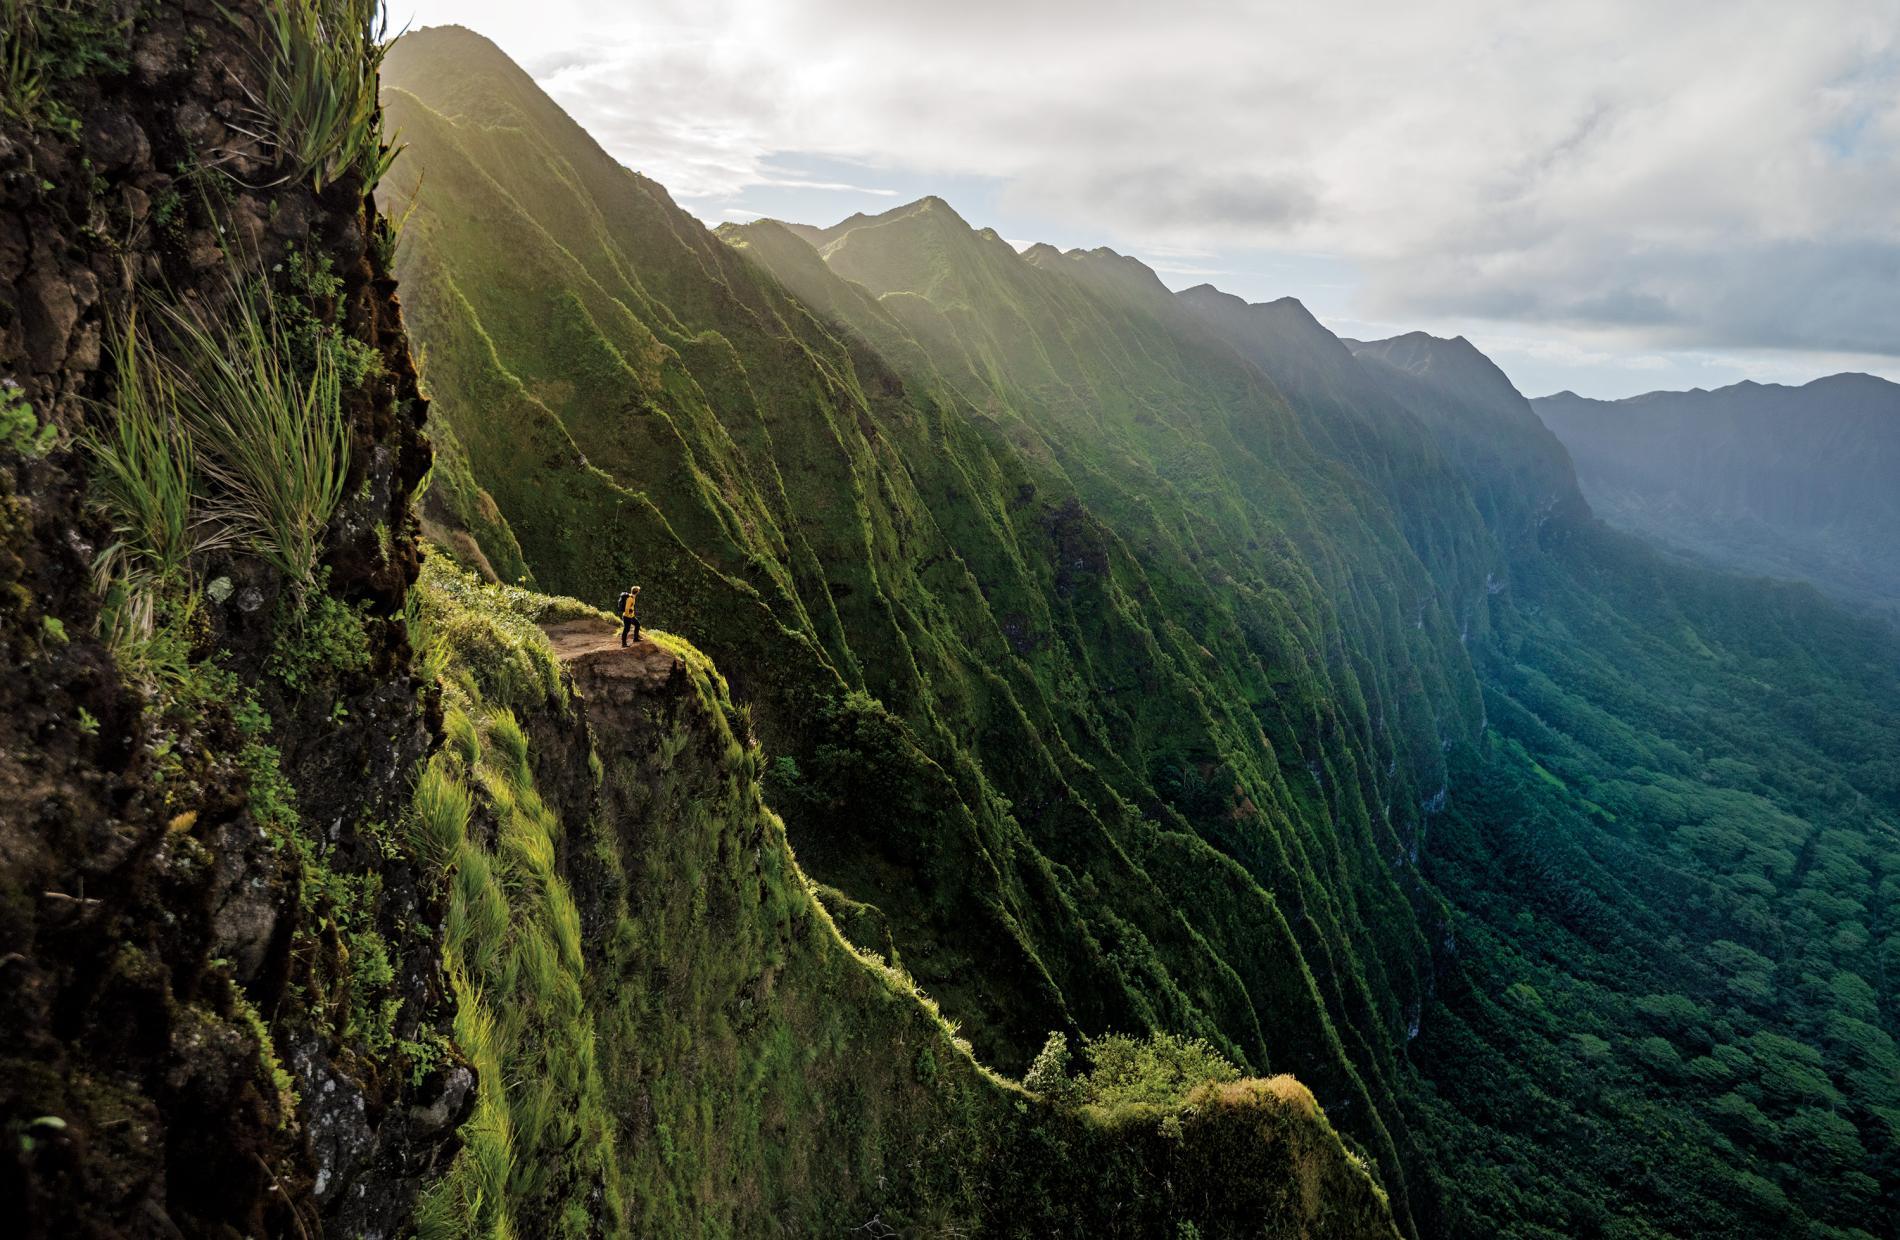 ảnh du lịch núi đồi